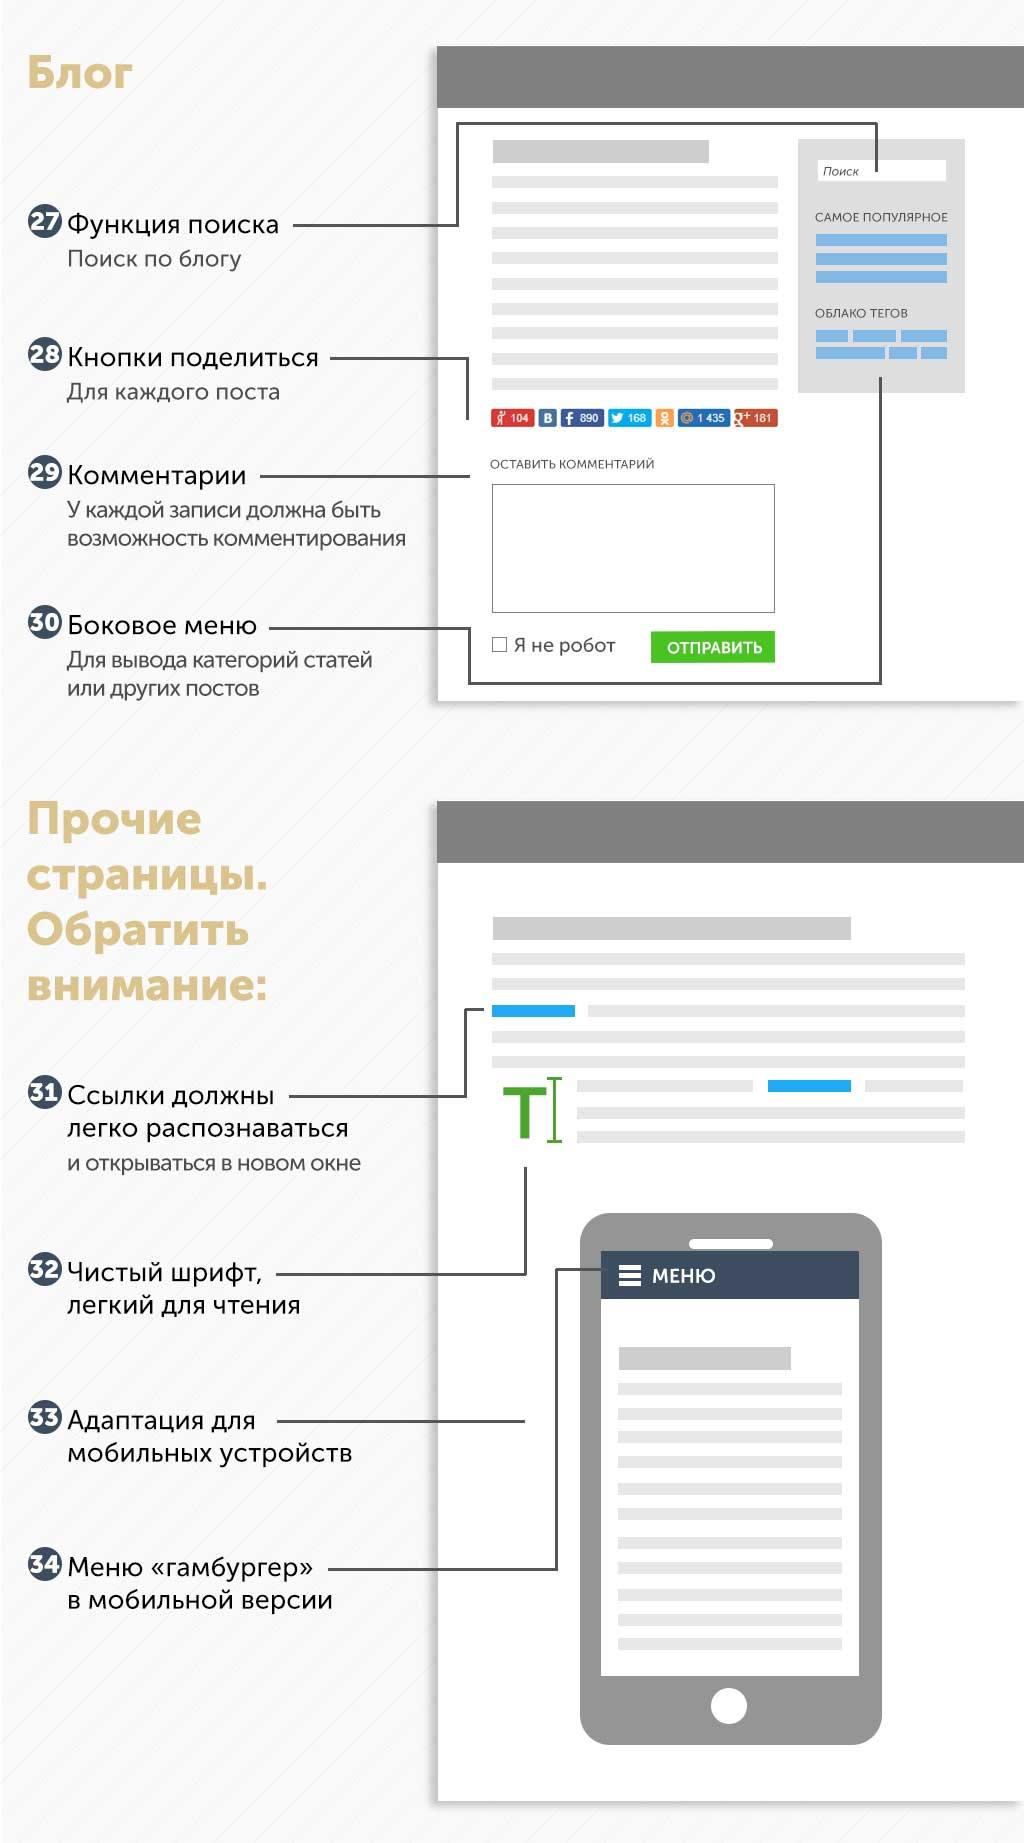 Инфографика про дизайн сайтов в Москве Блог